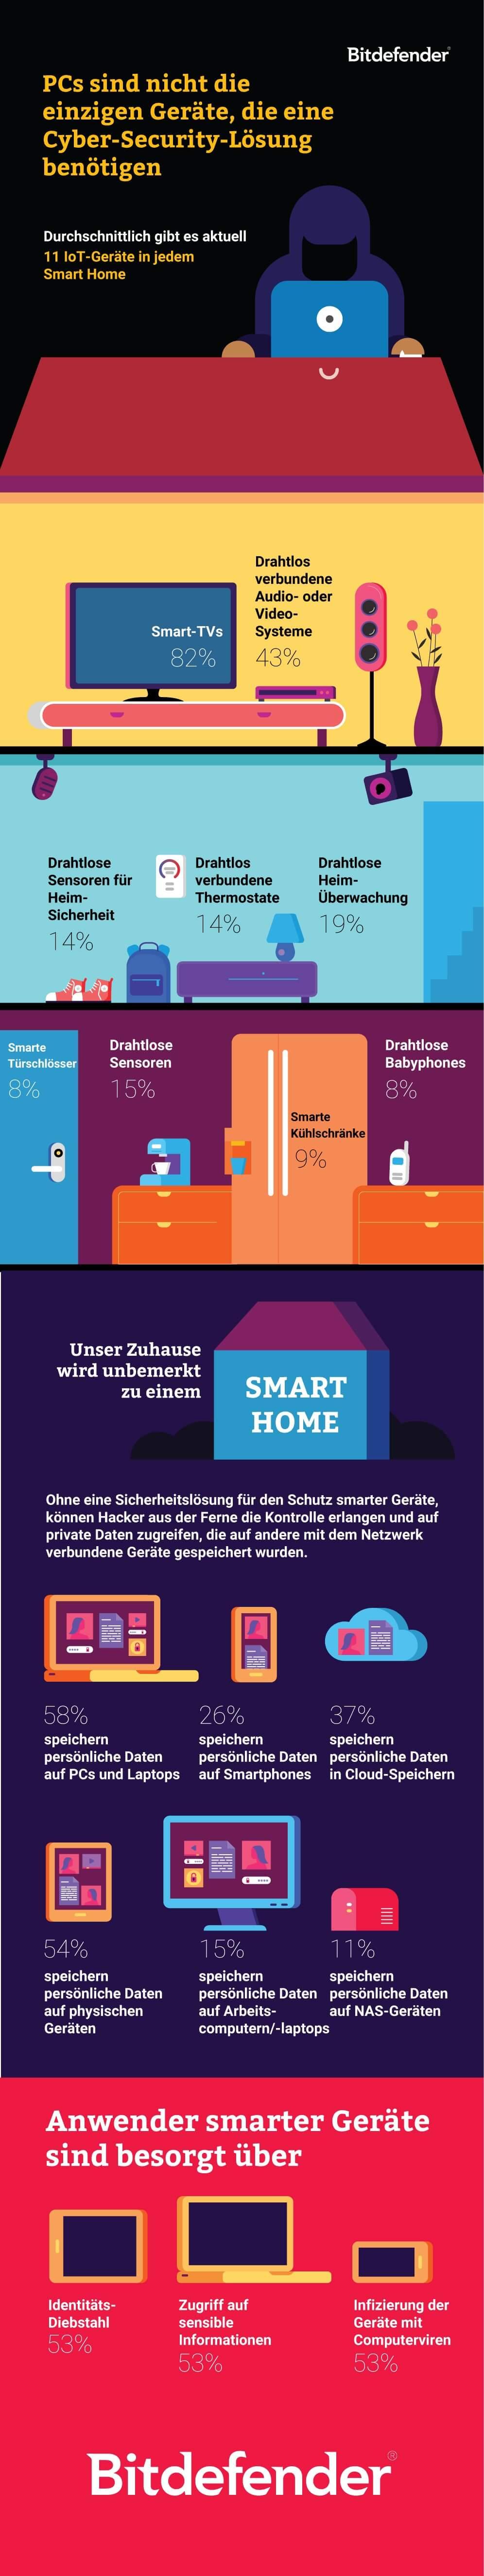 Nachholbedarf bei der Sicherung des Smart Homes